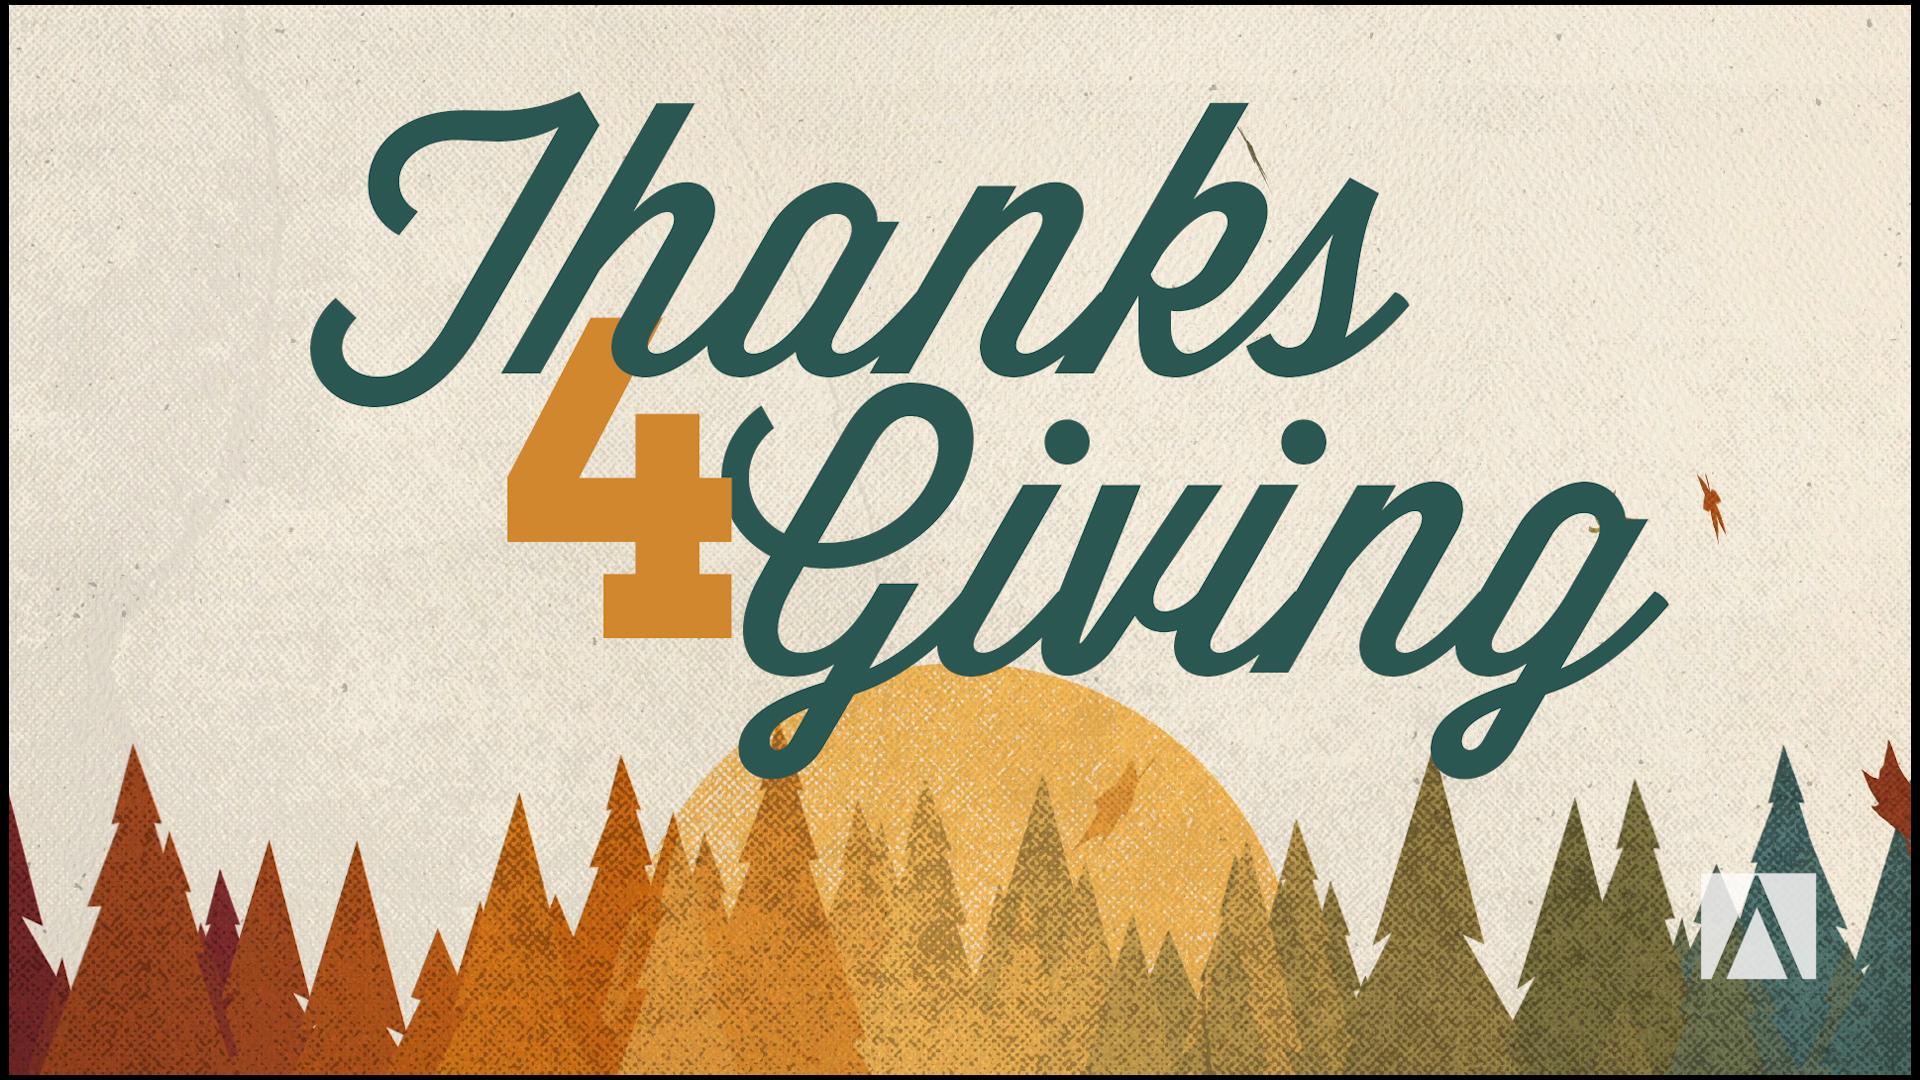 Thanks for Giving - November 2014